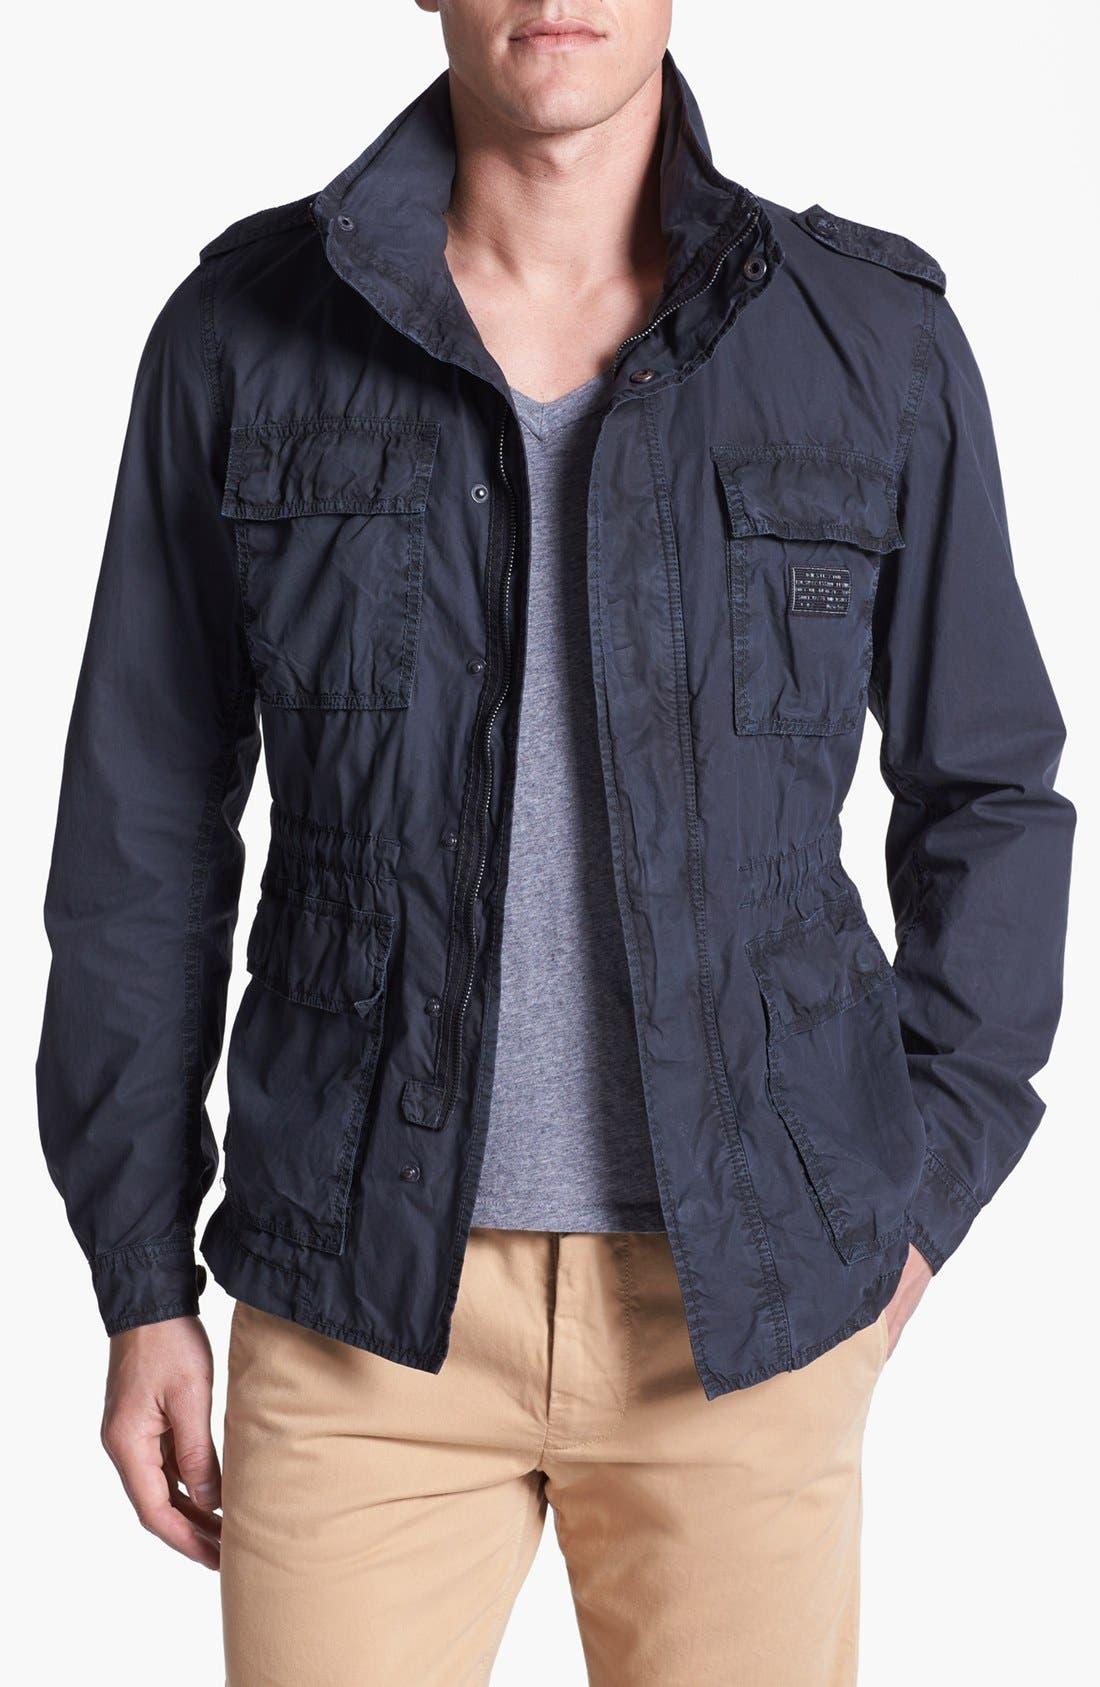 Alternate Image 1 Selected - DIESEL® 'Jostral' Jacket